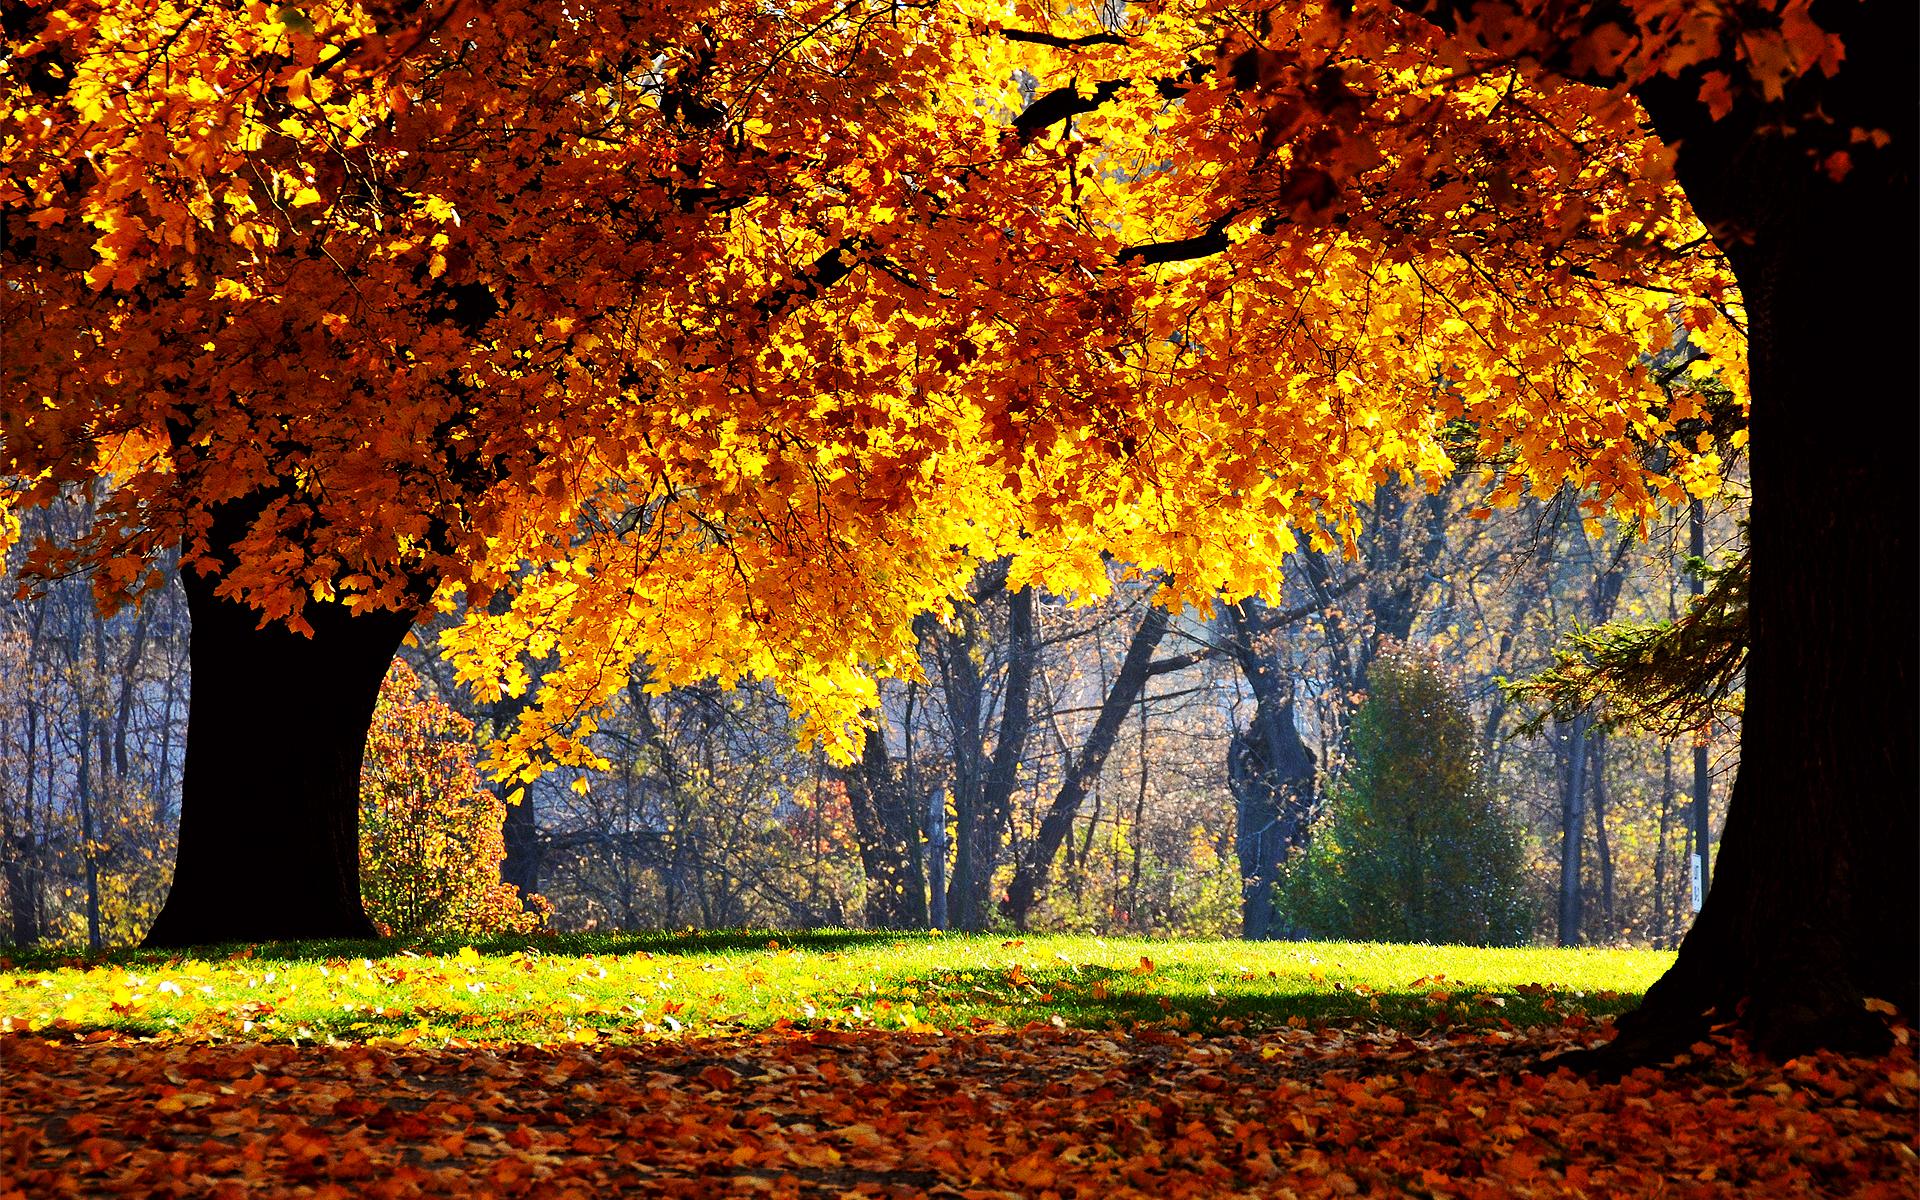 Fall Desktop Backgrounds wallpaper   130661 1920x1200